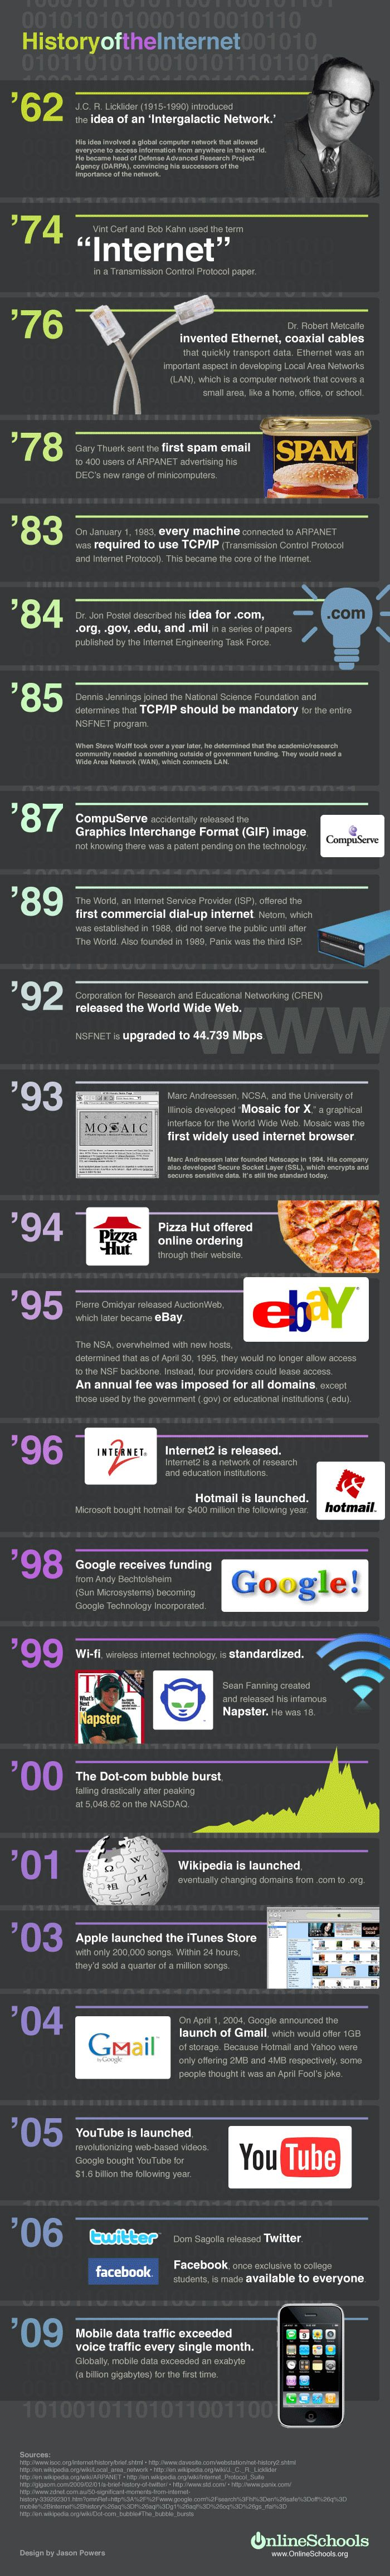 Historia de internet